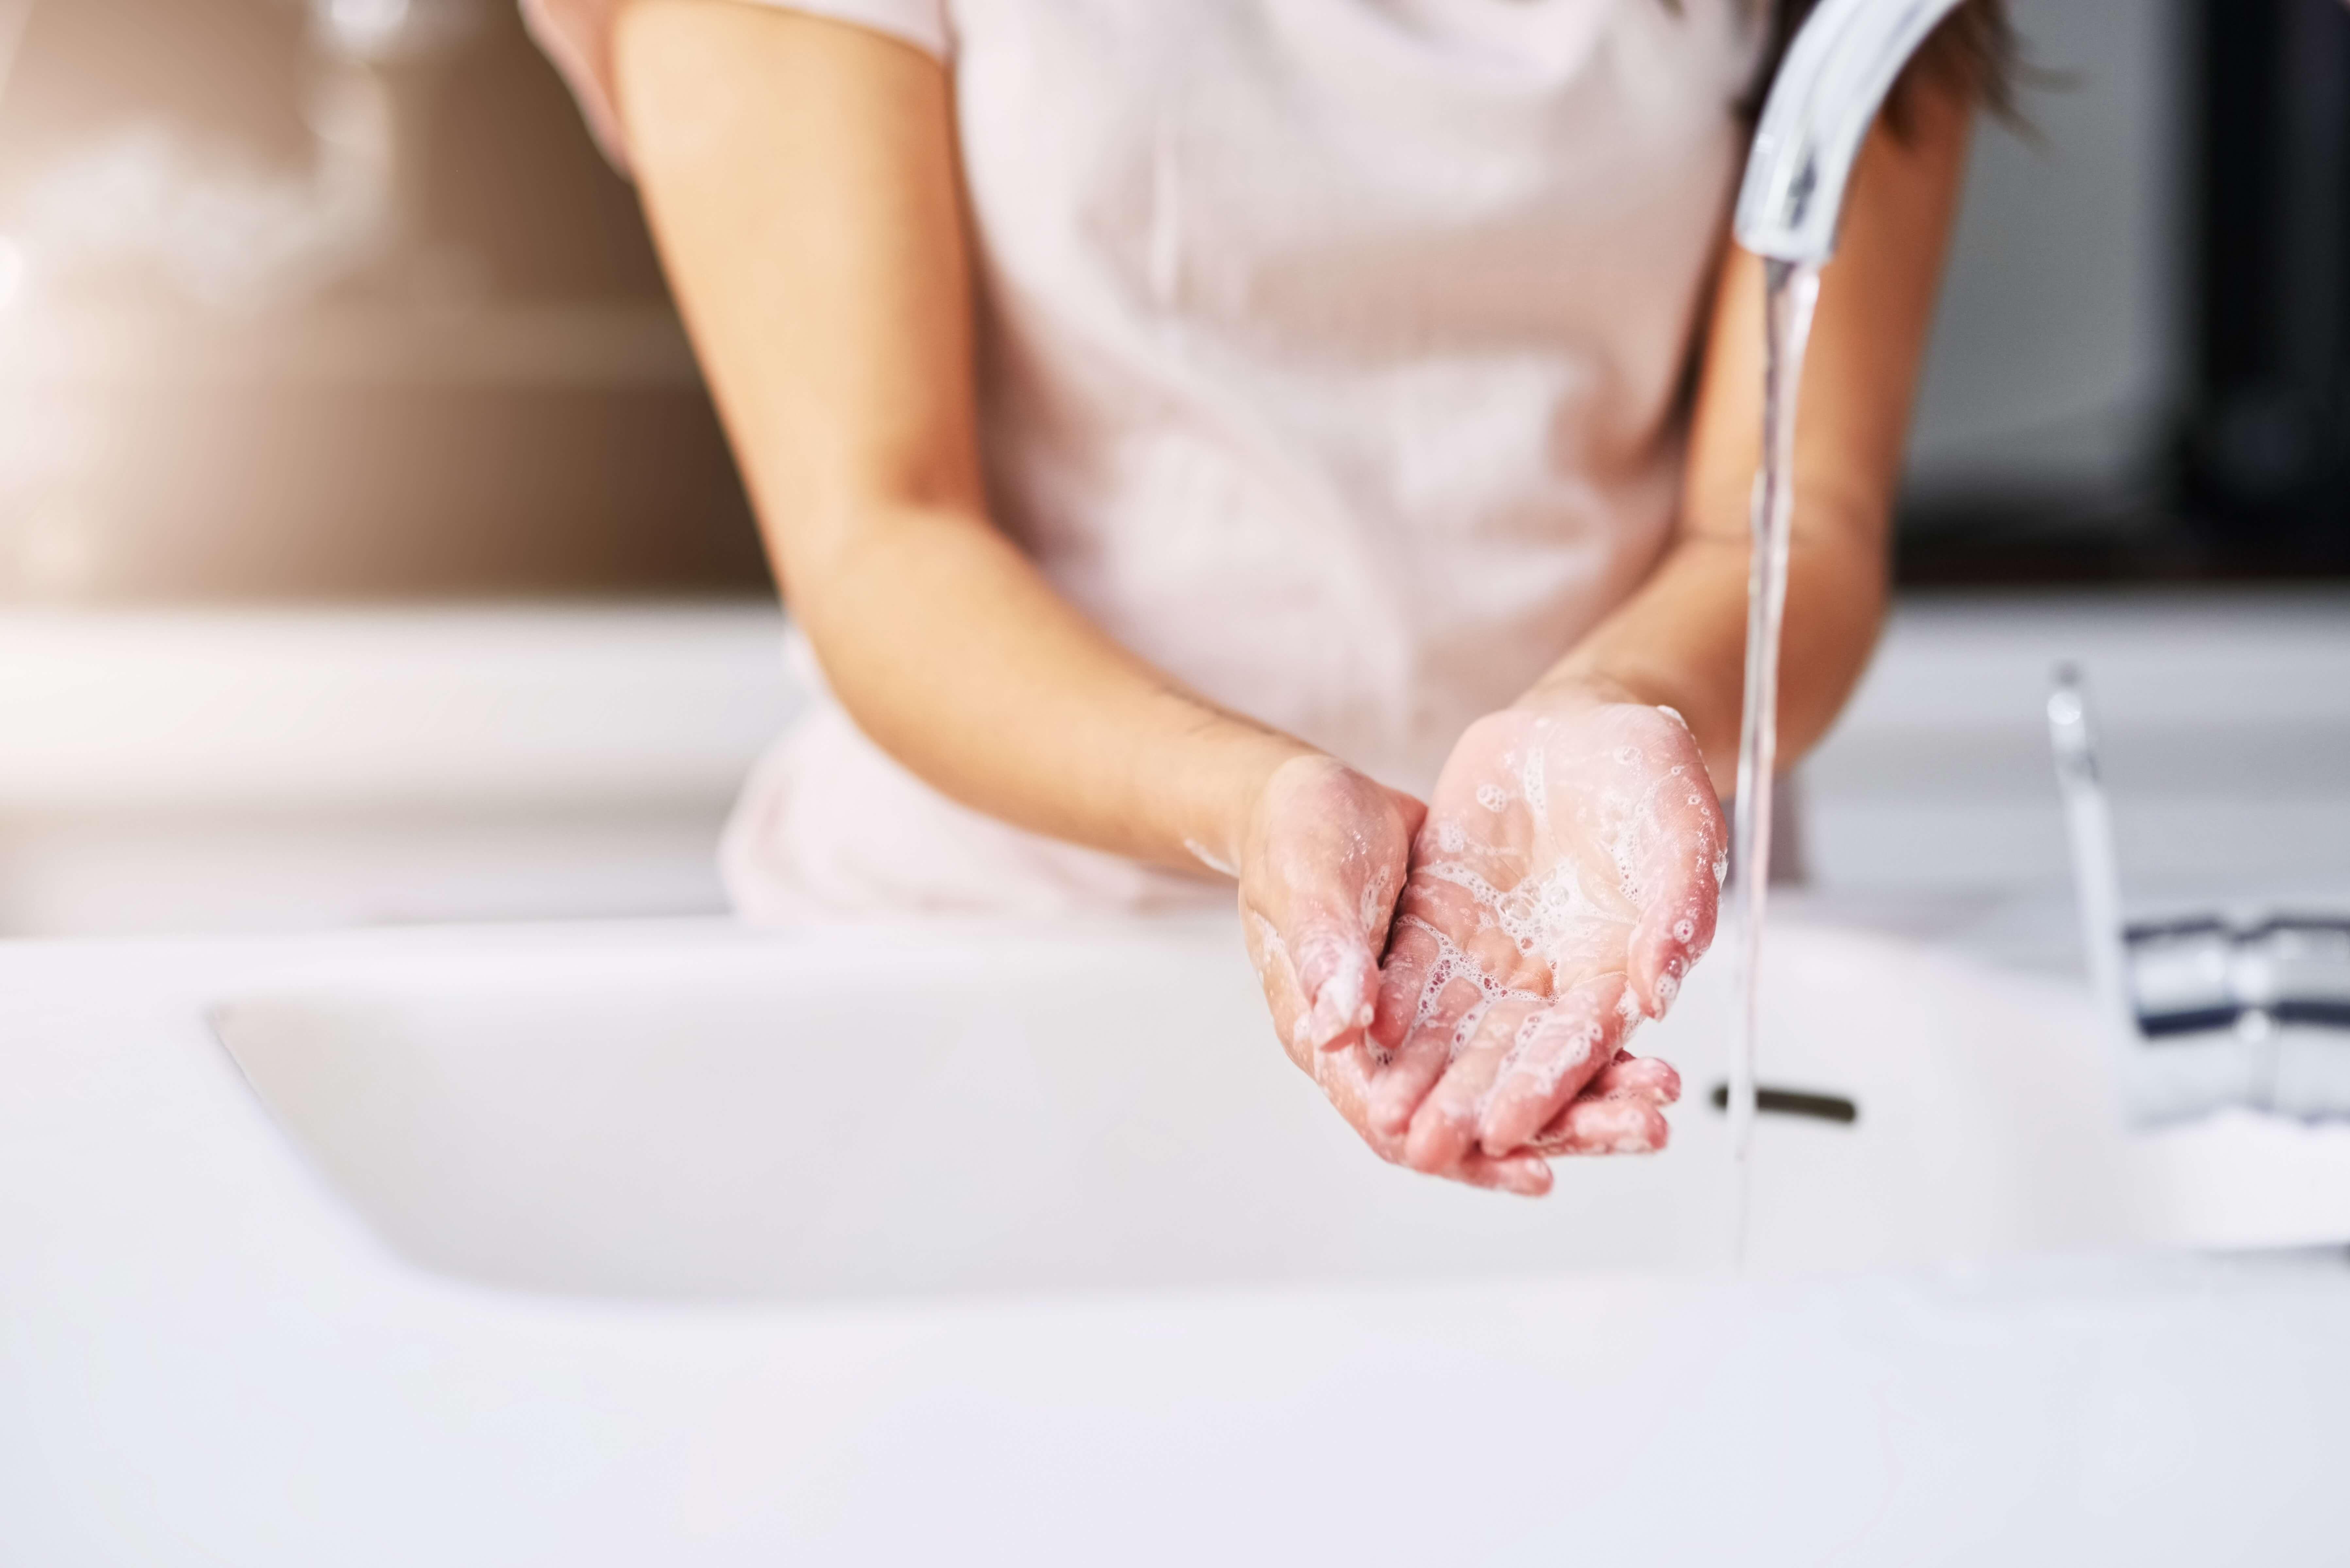 La desinfección y limpieza: indispensables en la lucha contra el COVID-19